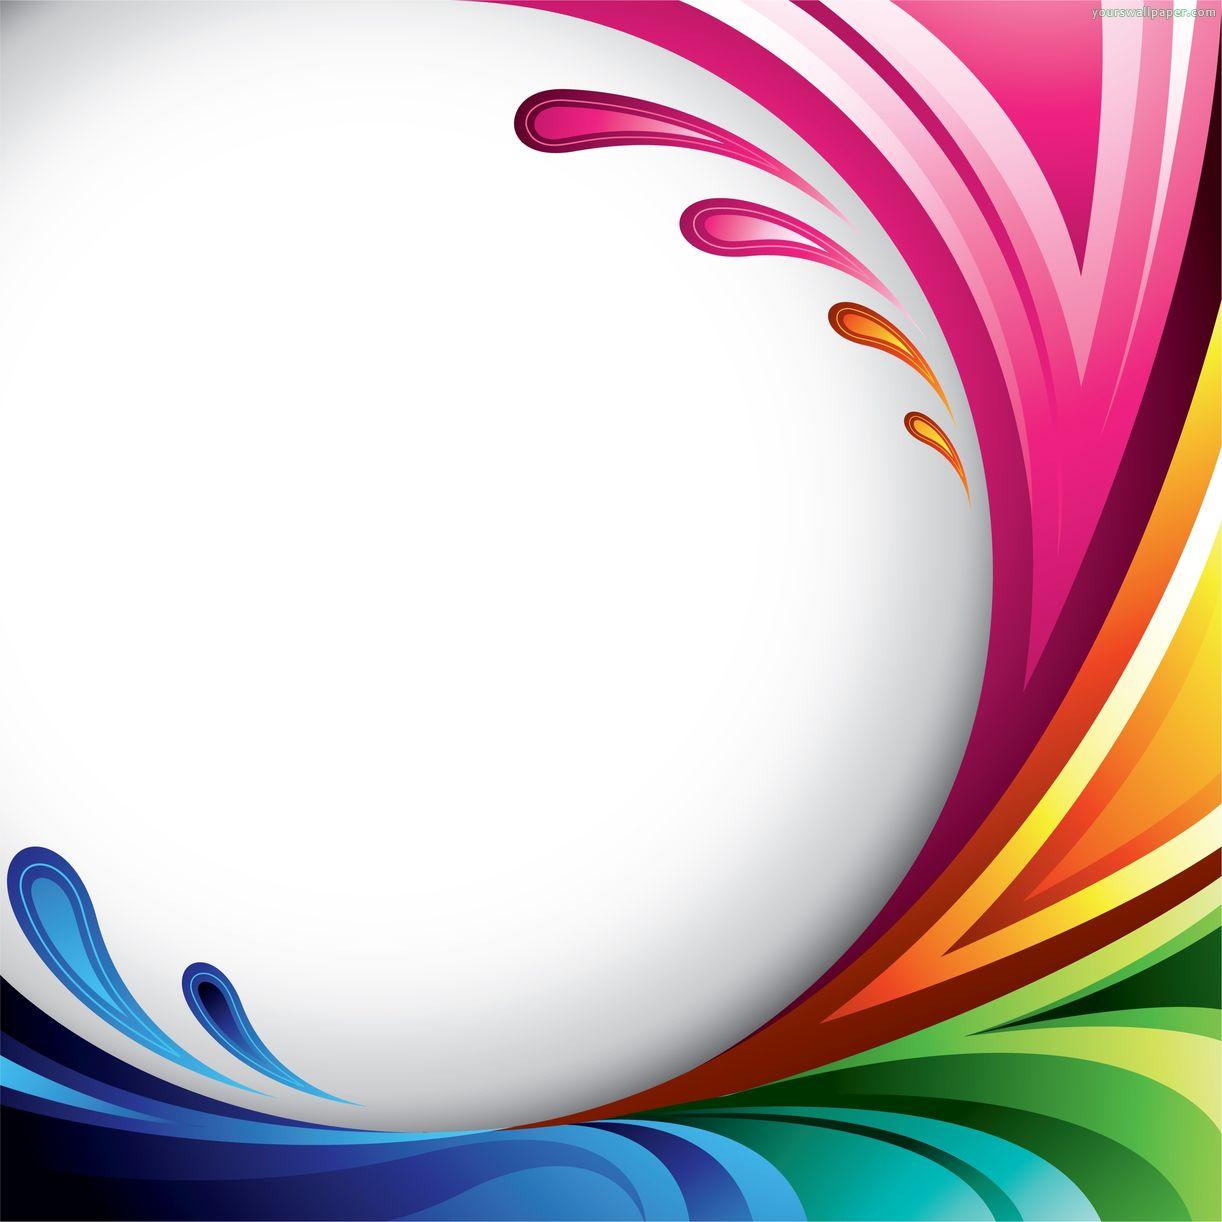 Colorful 3D Desktop Wallpaper - WallpaperSafari